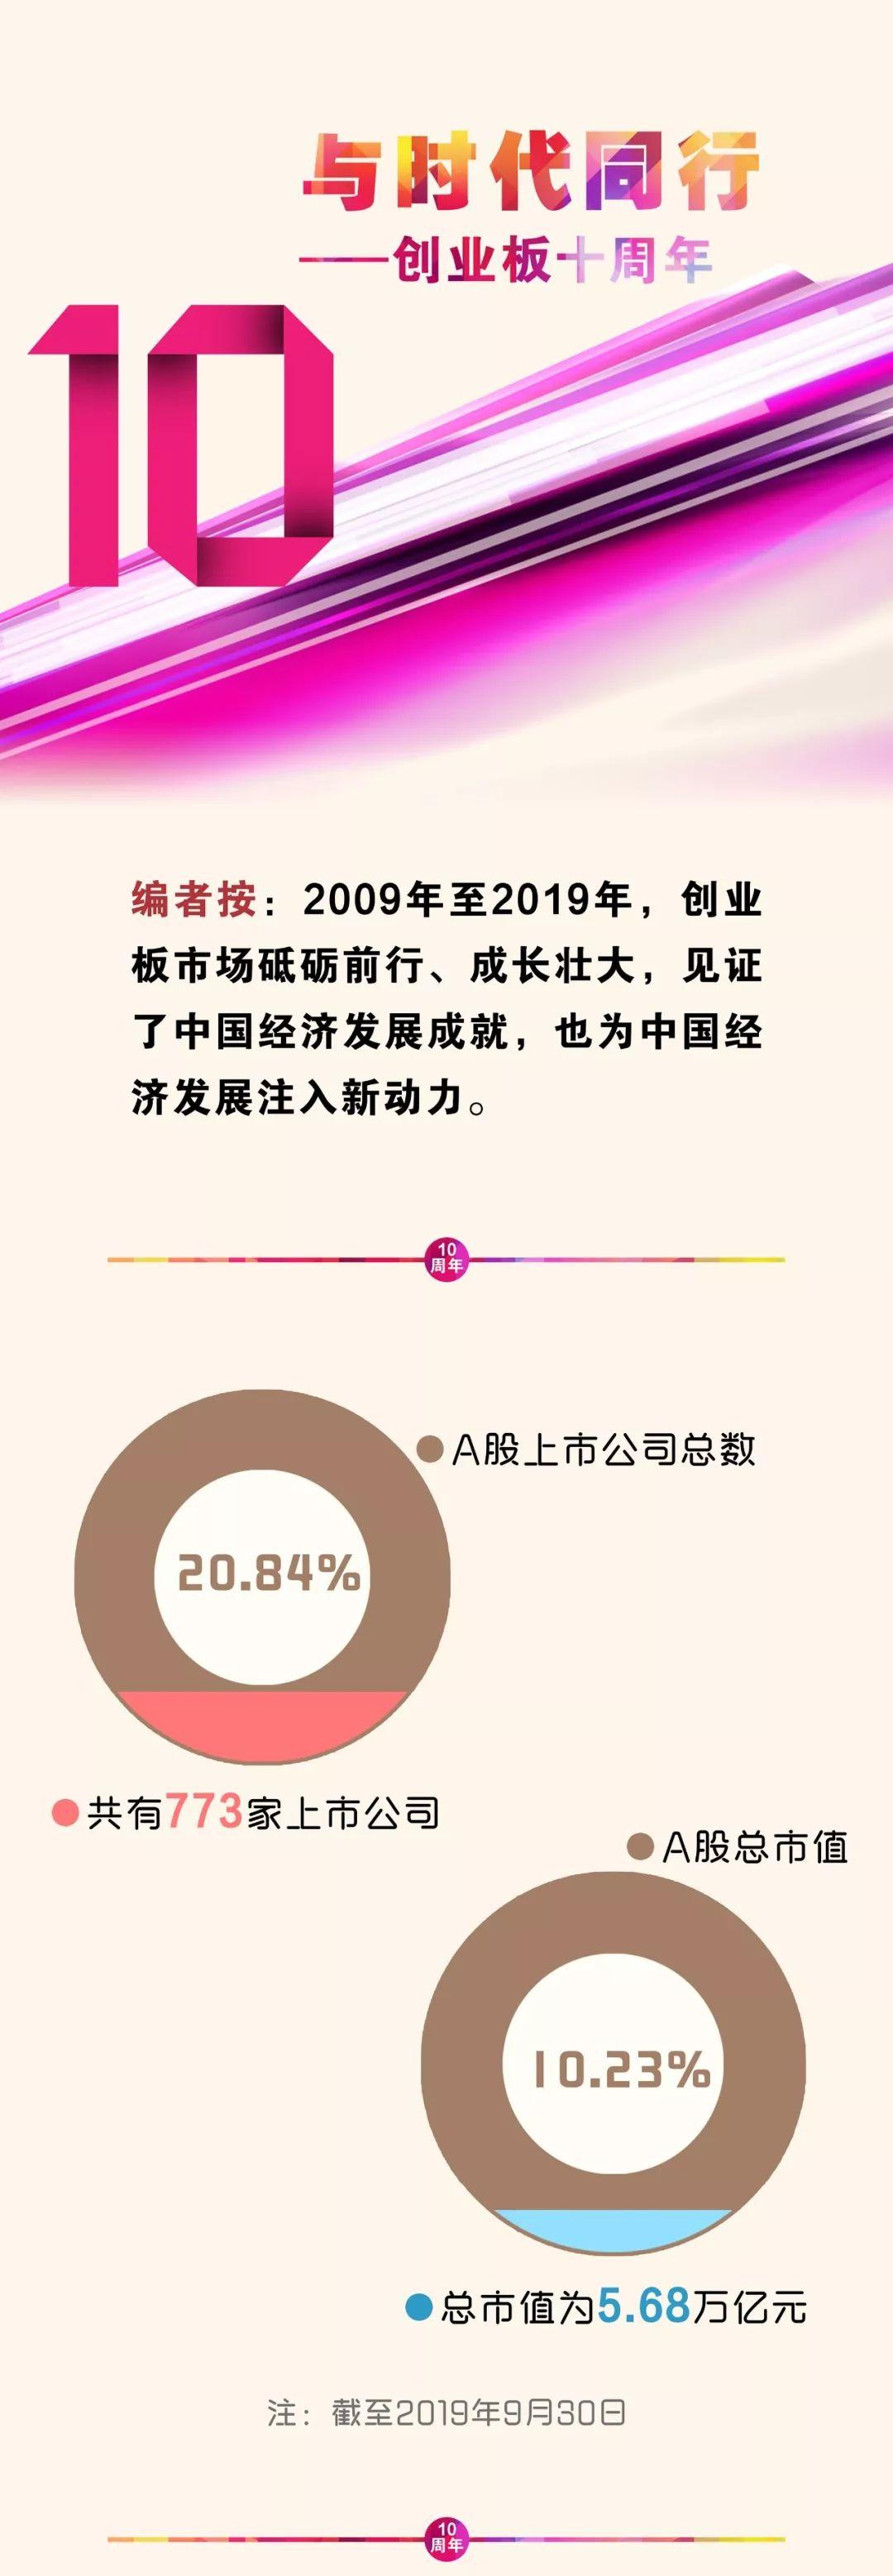 吉祥虎论坛彩金 石伟晶获金麒麟新锐分析师传媒行业第四名(投资观点)